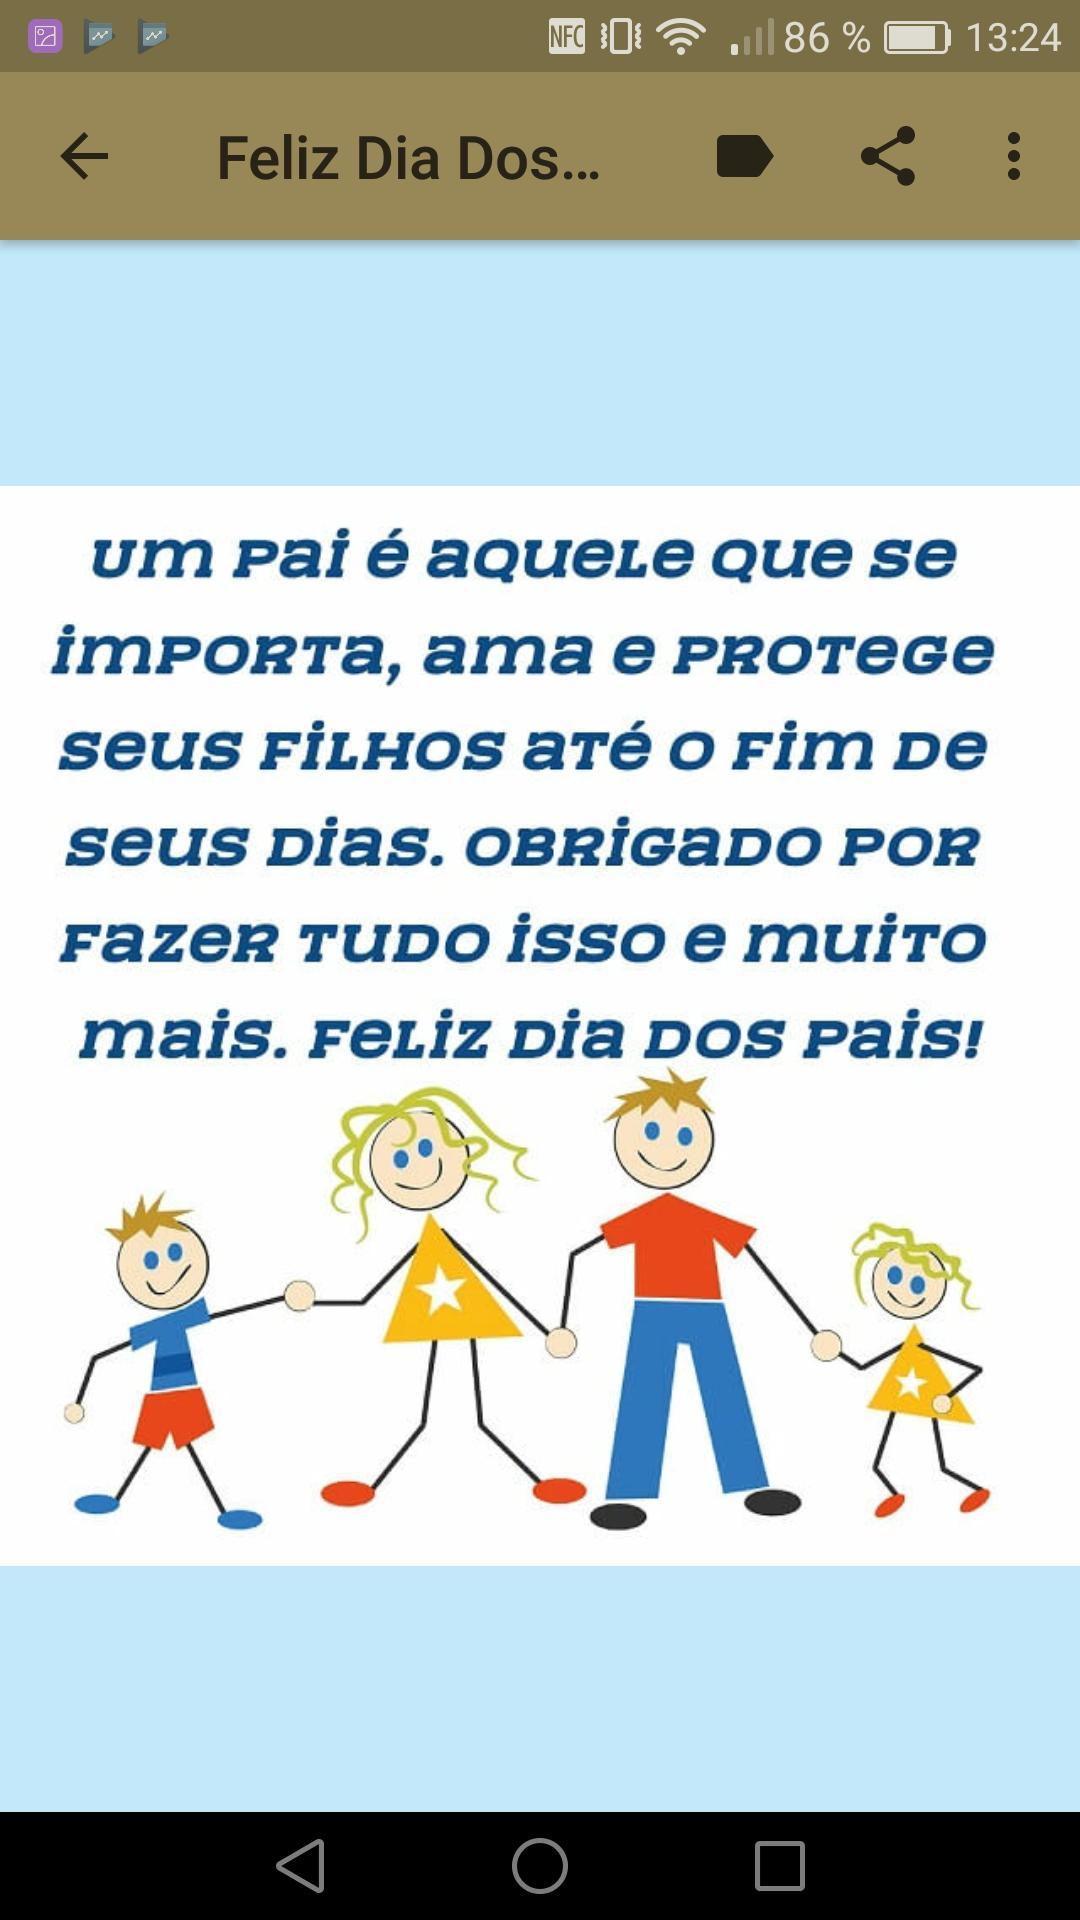 Feliz Dia Dos Pais Frases Para Dia Dos Pais For Android